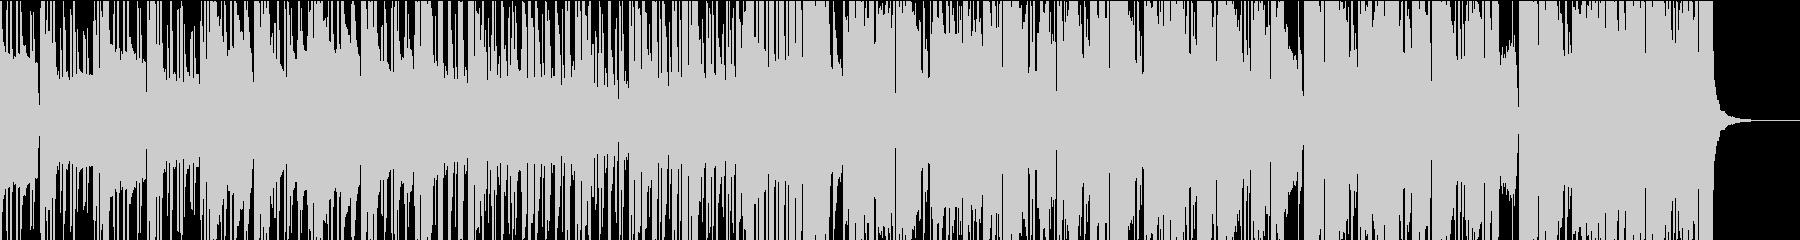 スタイリッシュなFuture Bassの未再生の波形